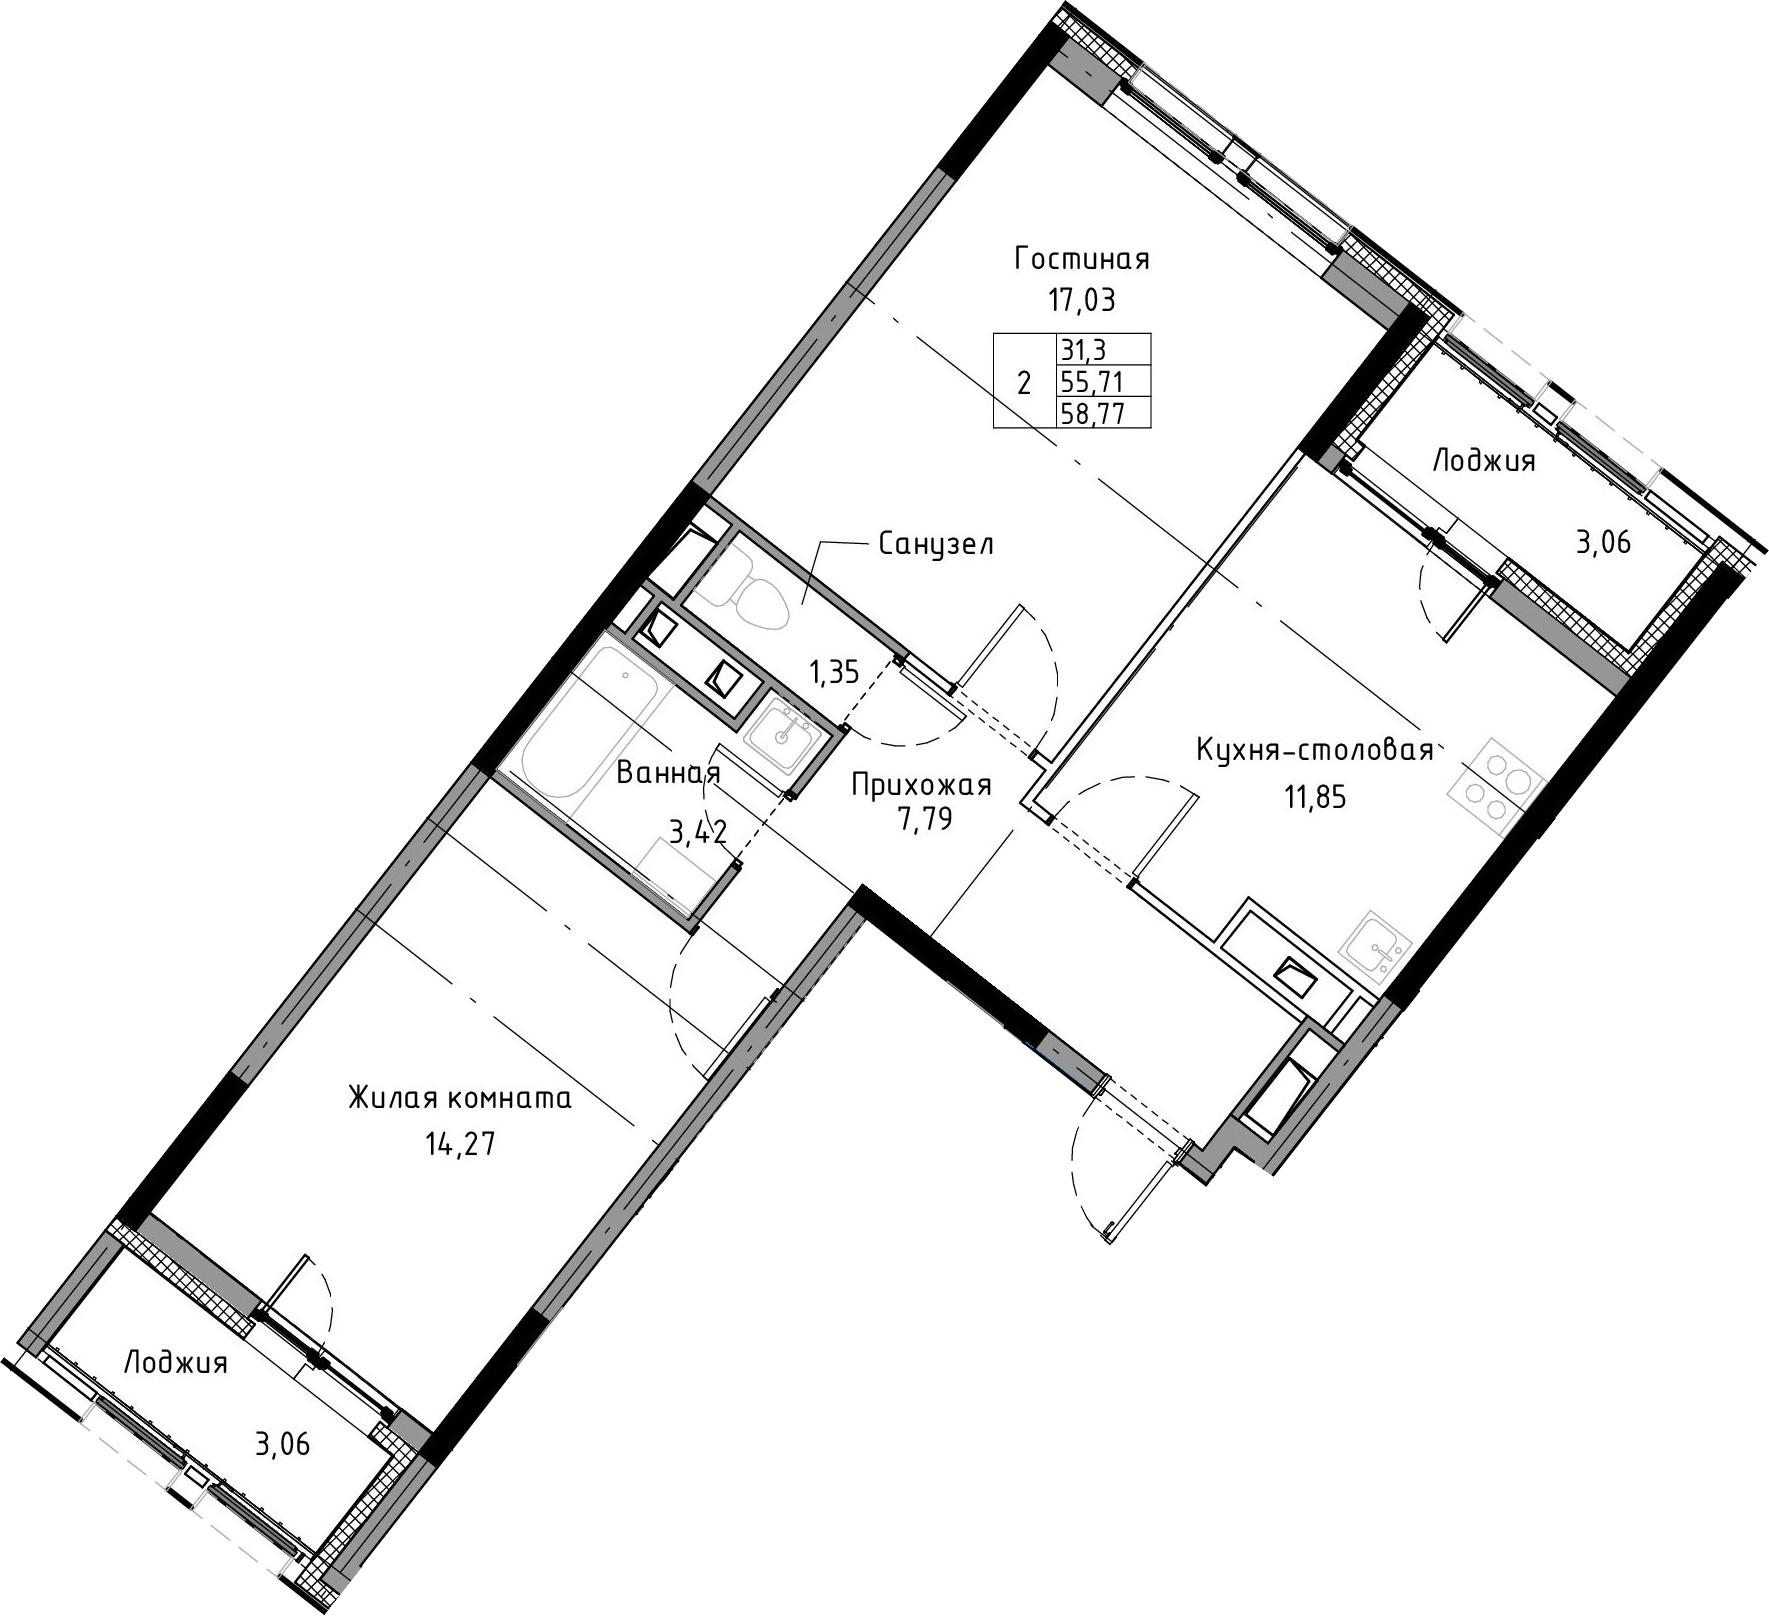 2-к.кв, 58.77 м², 3 этаж